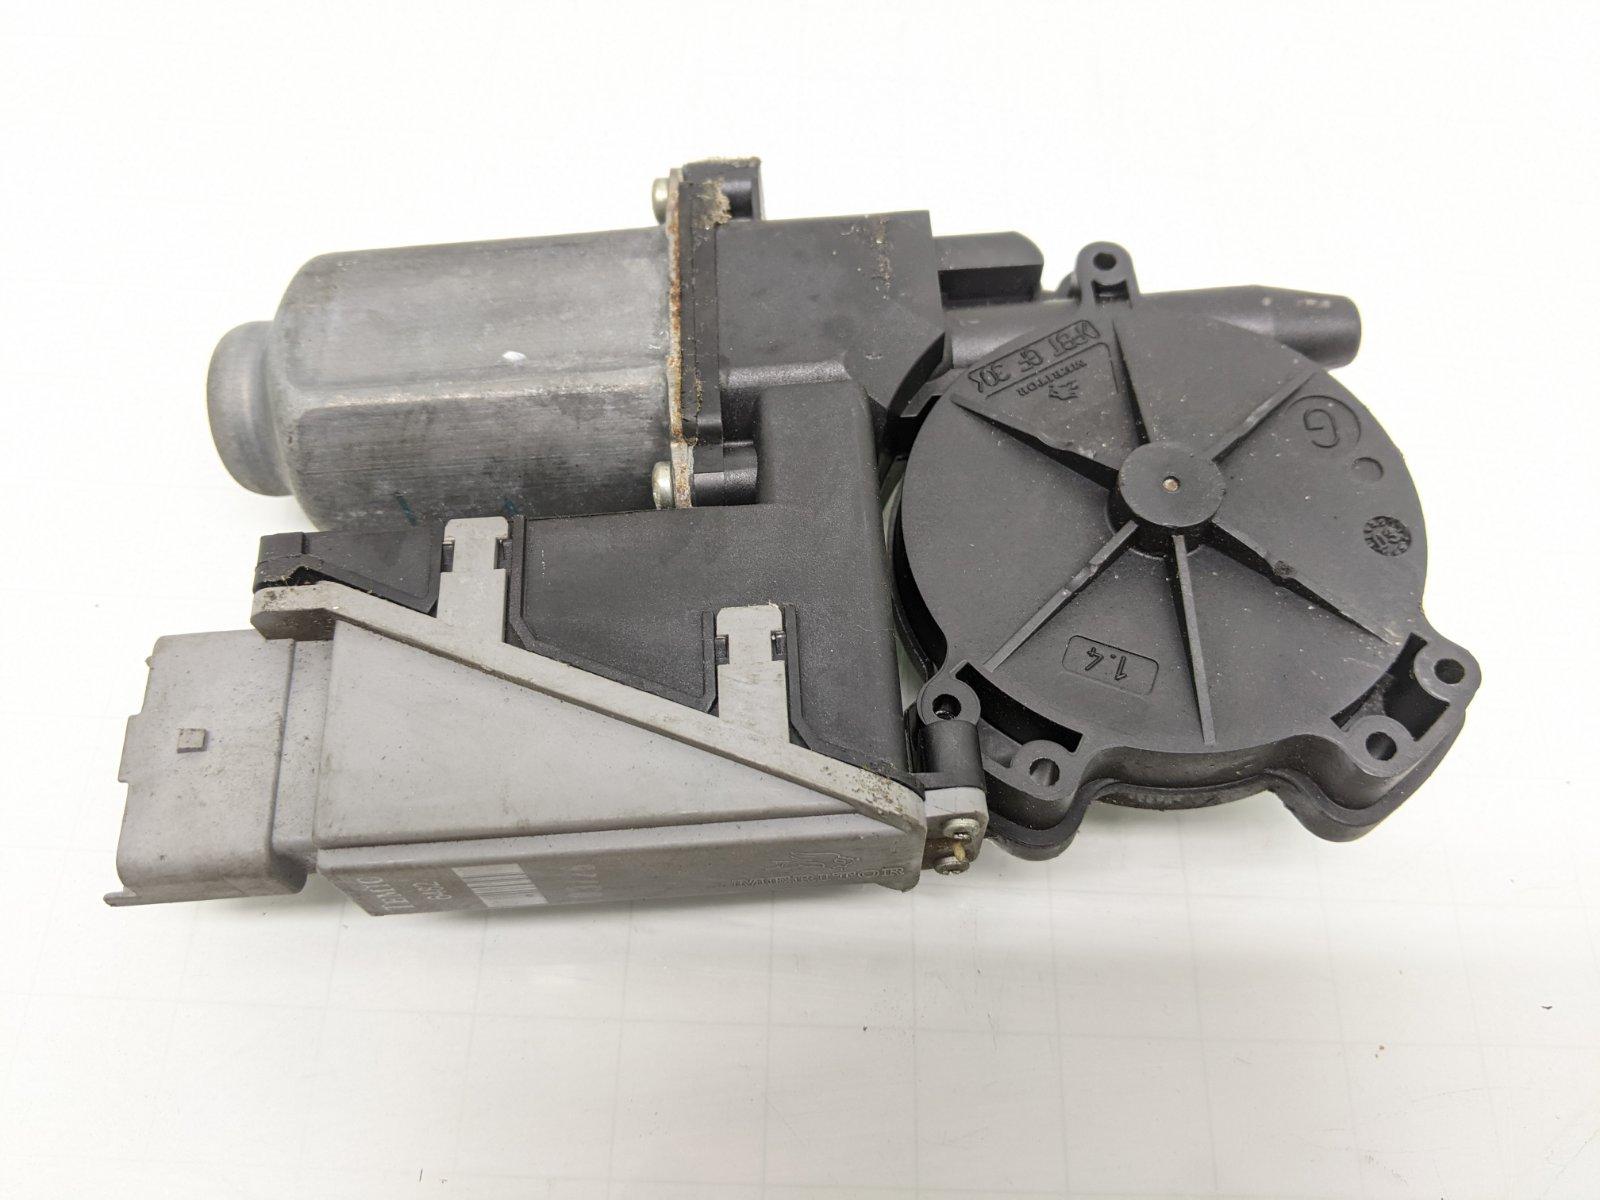 Моторчик стеклоподъемника передний левый Citroen C3 Pluriel 1.6 I 2004 (б/у)